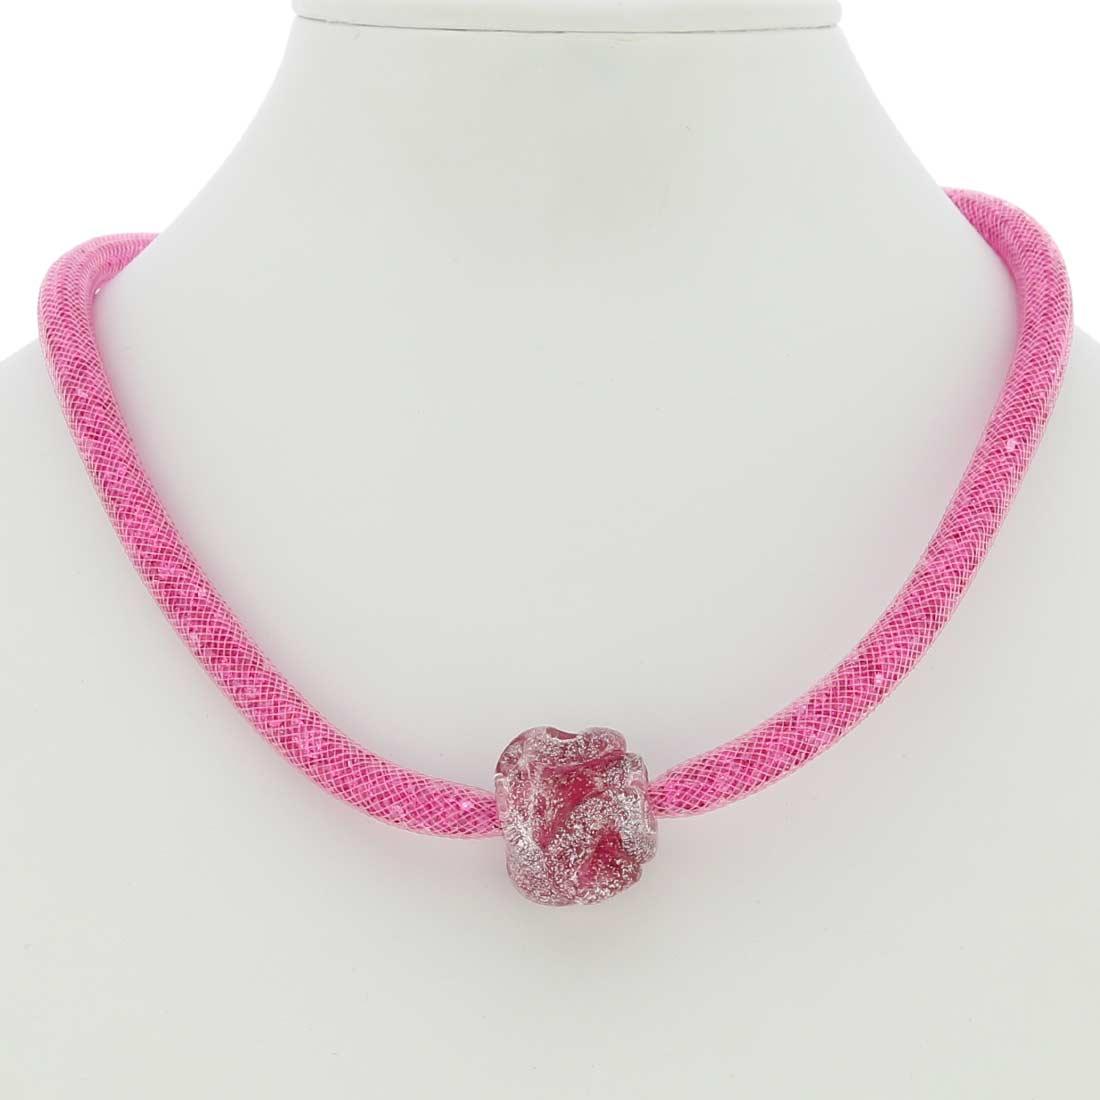 ベネチアングラス(ムラノガラス) ネックレス ローズフラワー ピンク